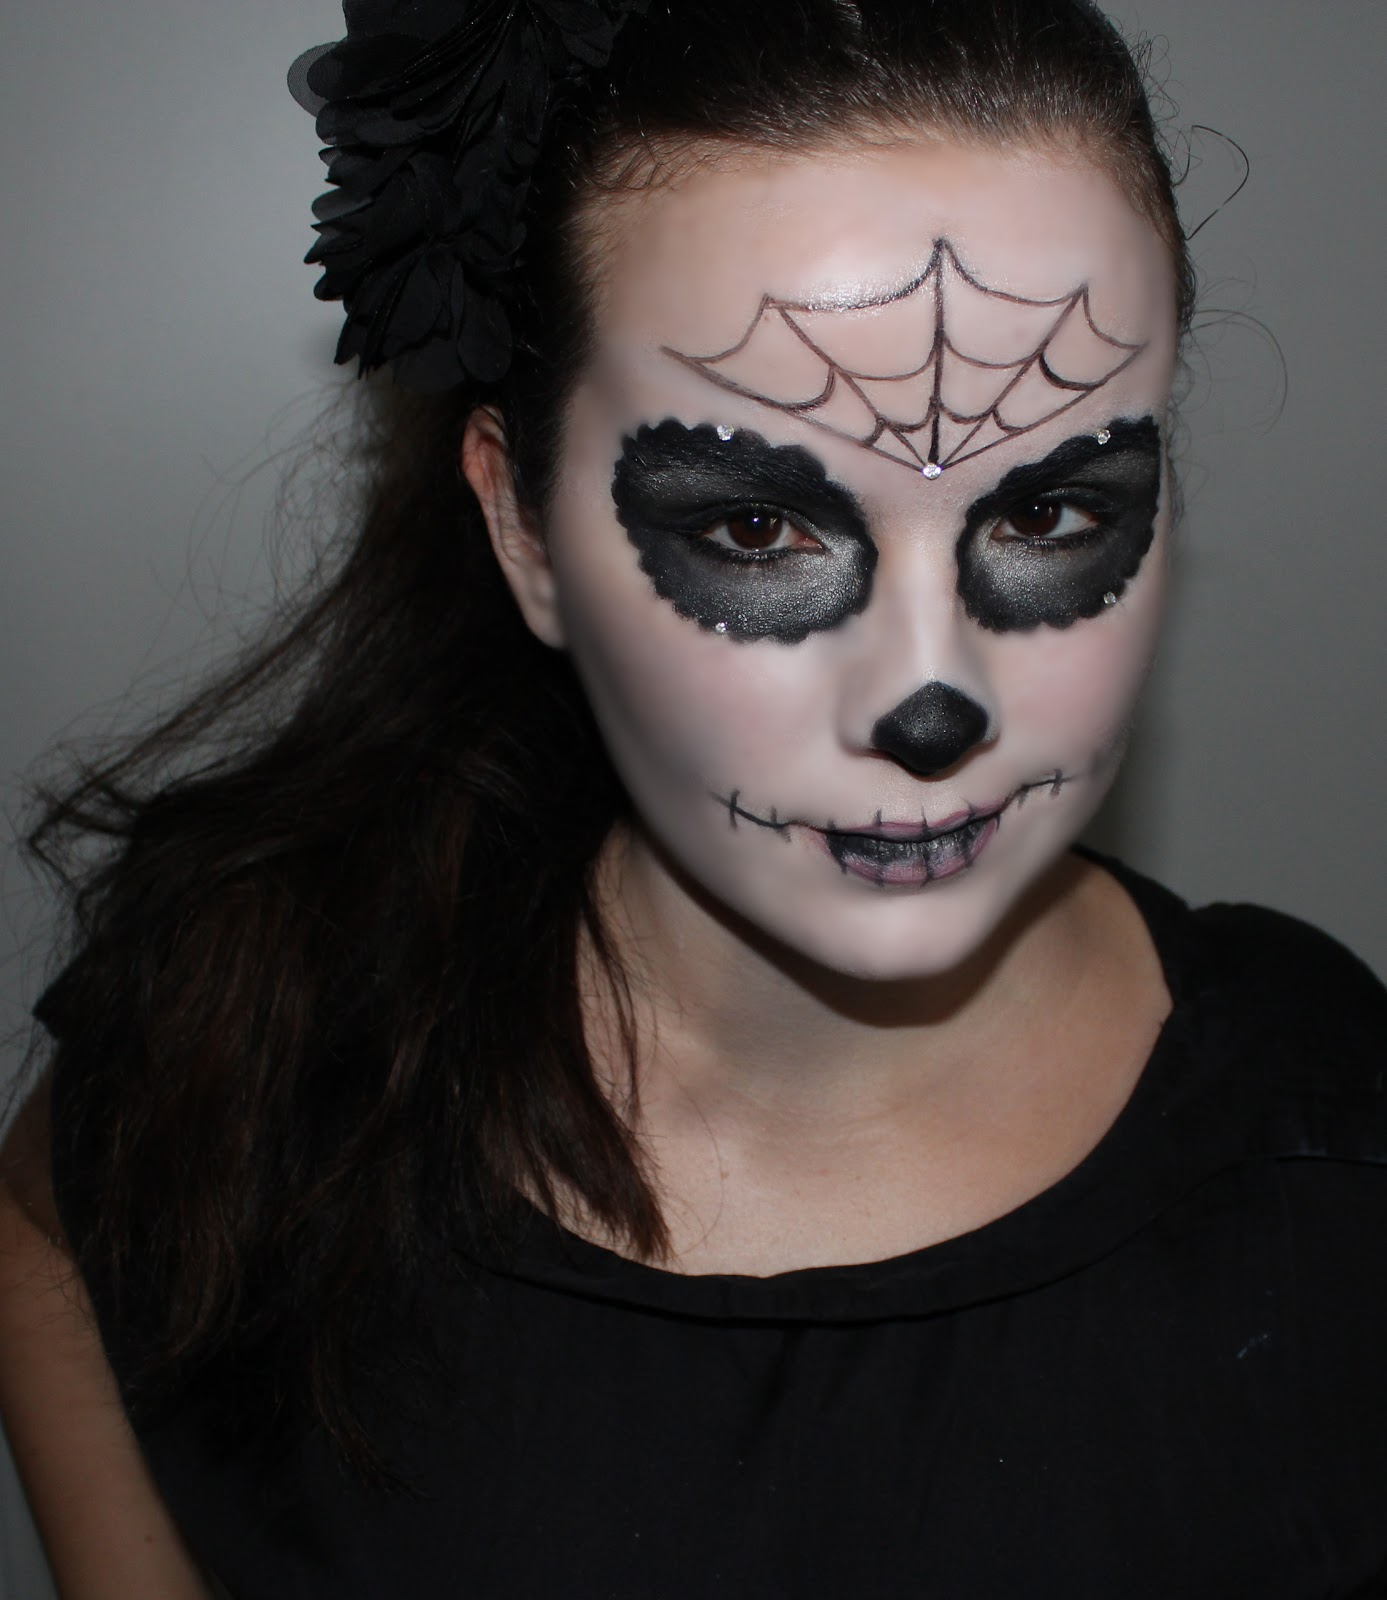 Modele De Maquillage Pour Halloween Facile